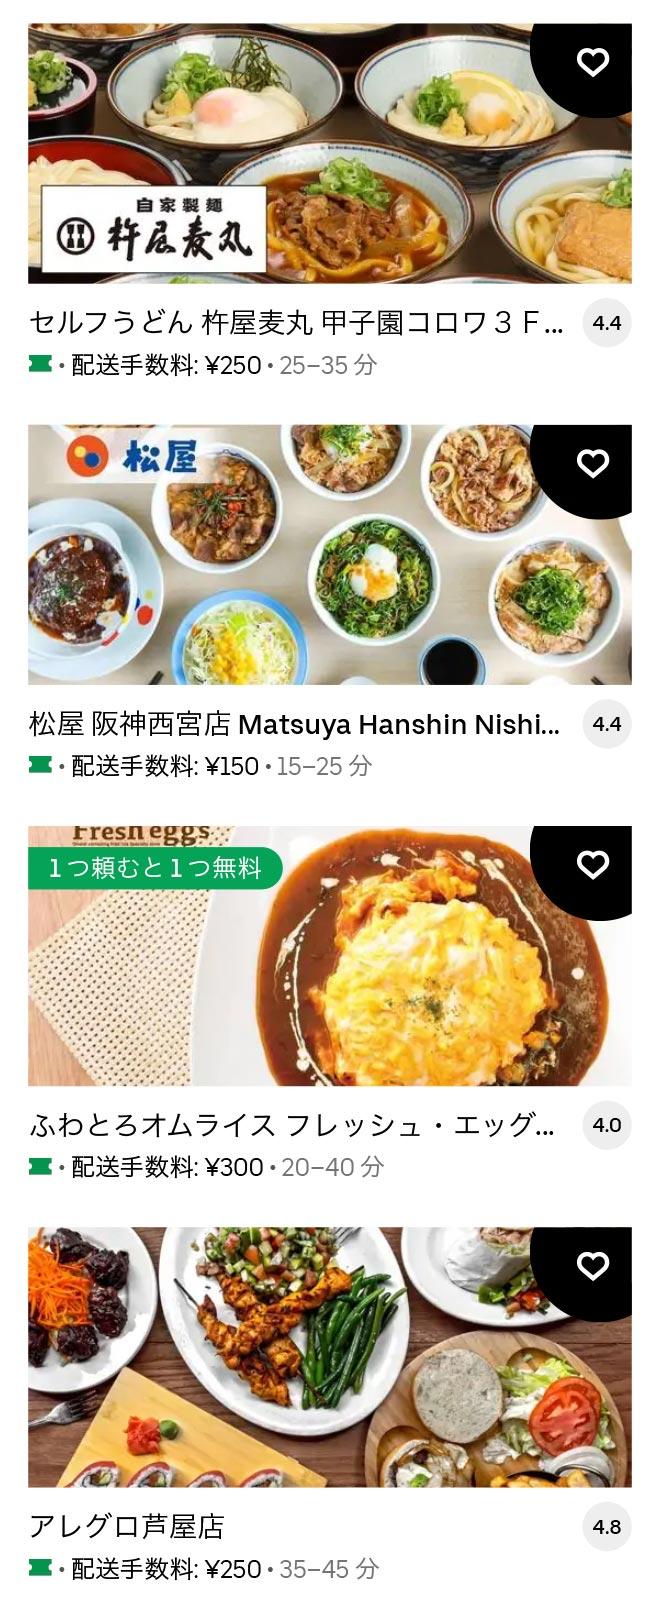 U nishinomiya 2105 08